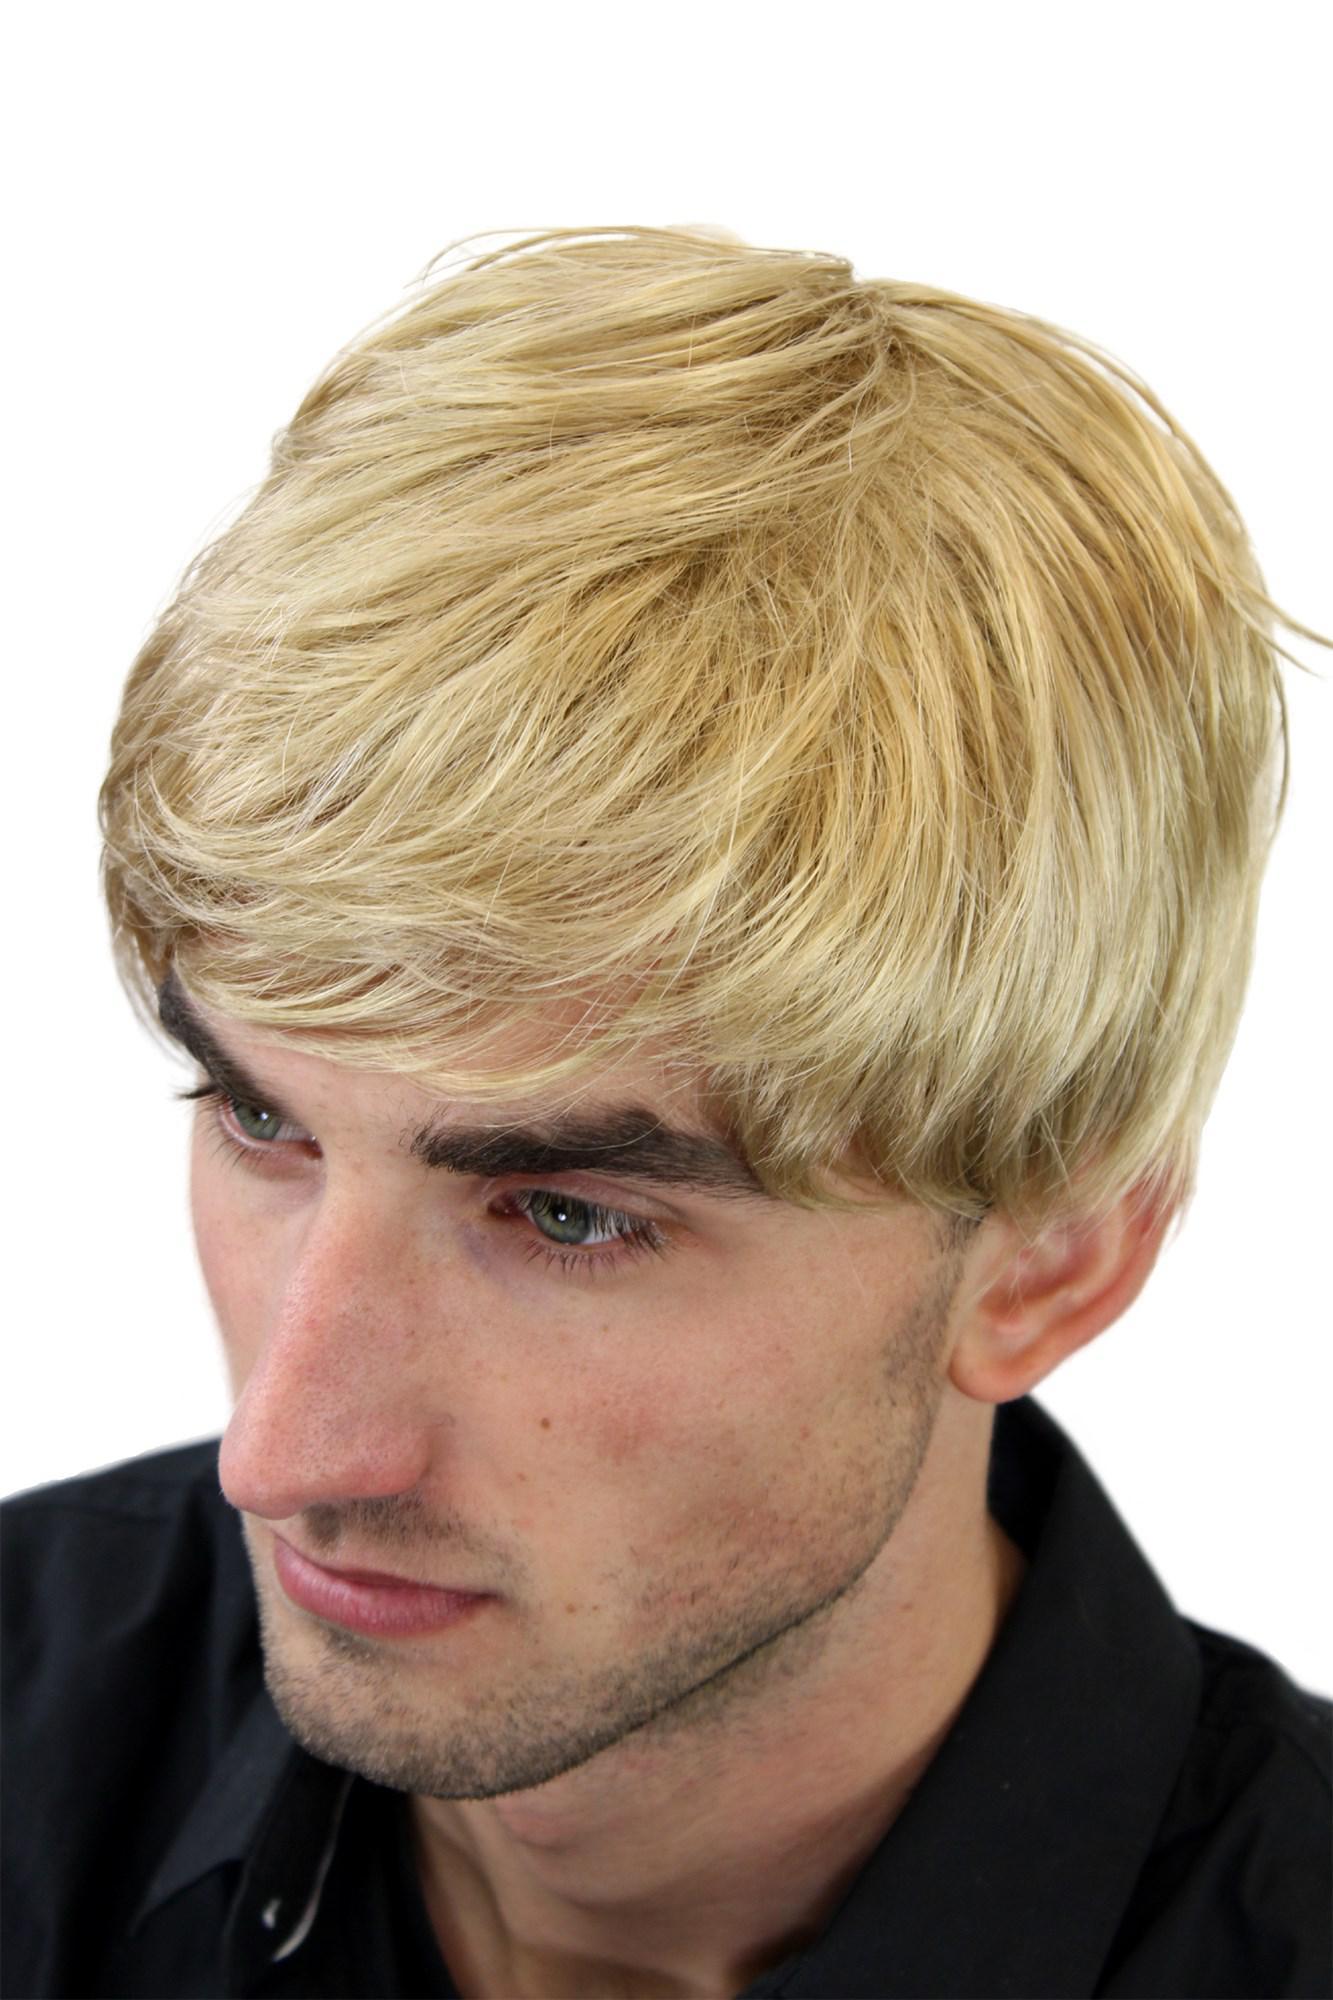 Herrenperücke Perücke Männer Blond Scheitel Herren Kurzhaarfrisur Gfw993 25